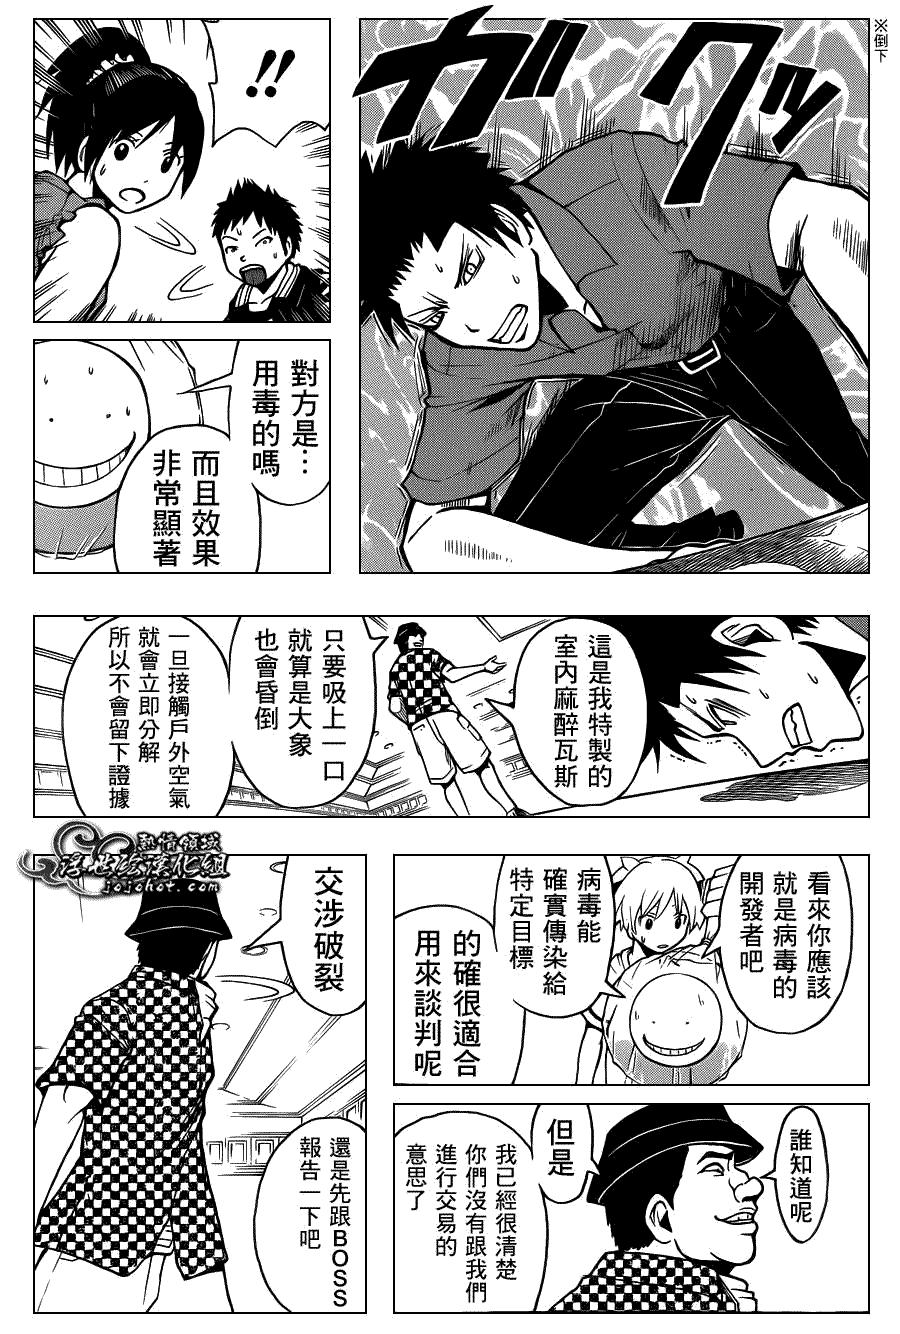 暗殺教室: 63話 - 第15页